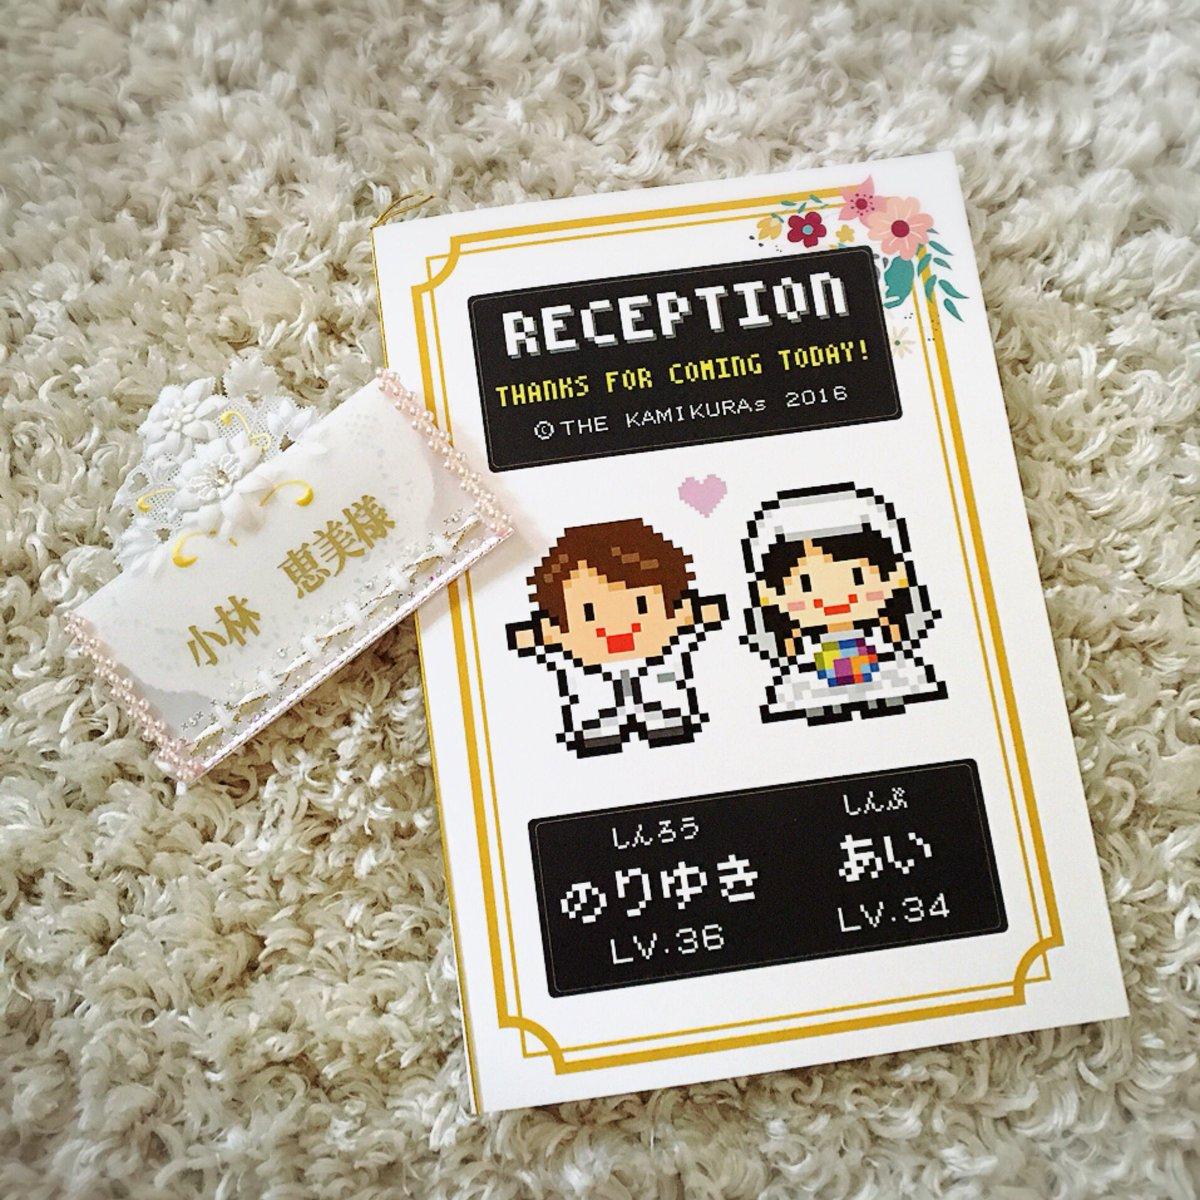 今日は横町藍ちゃんの結婚式でした♡ 素敵な素敵な結婚式で心がほっこりしました^ ^ あいちーおめでとう♡♡♡ https://t.co/B2owFEHt6S